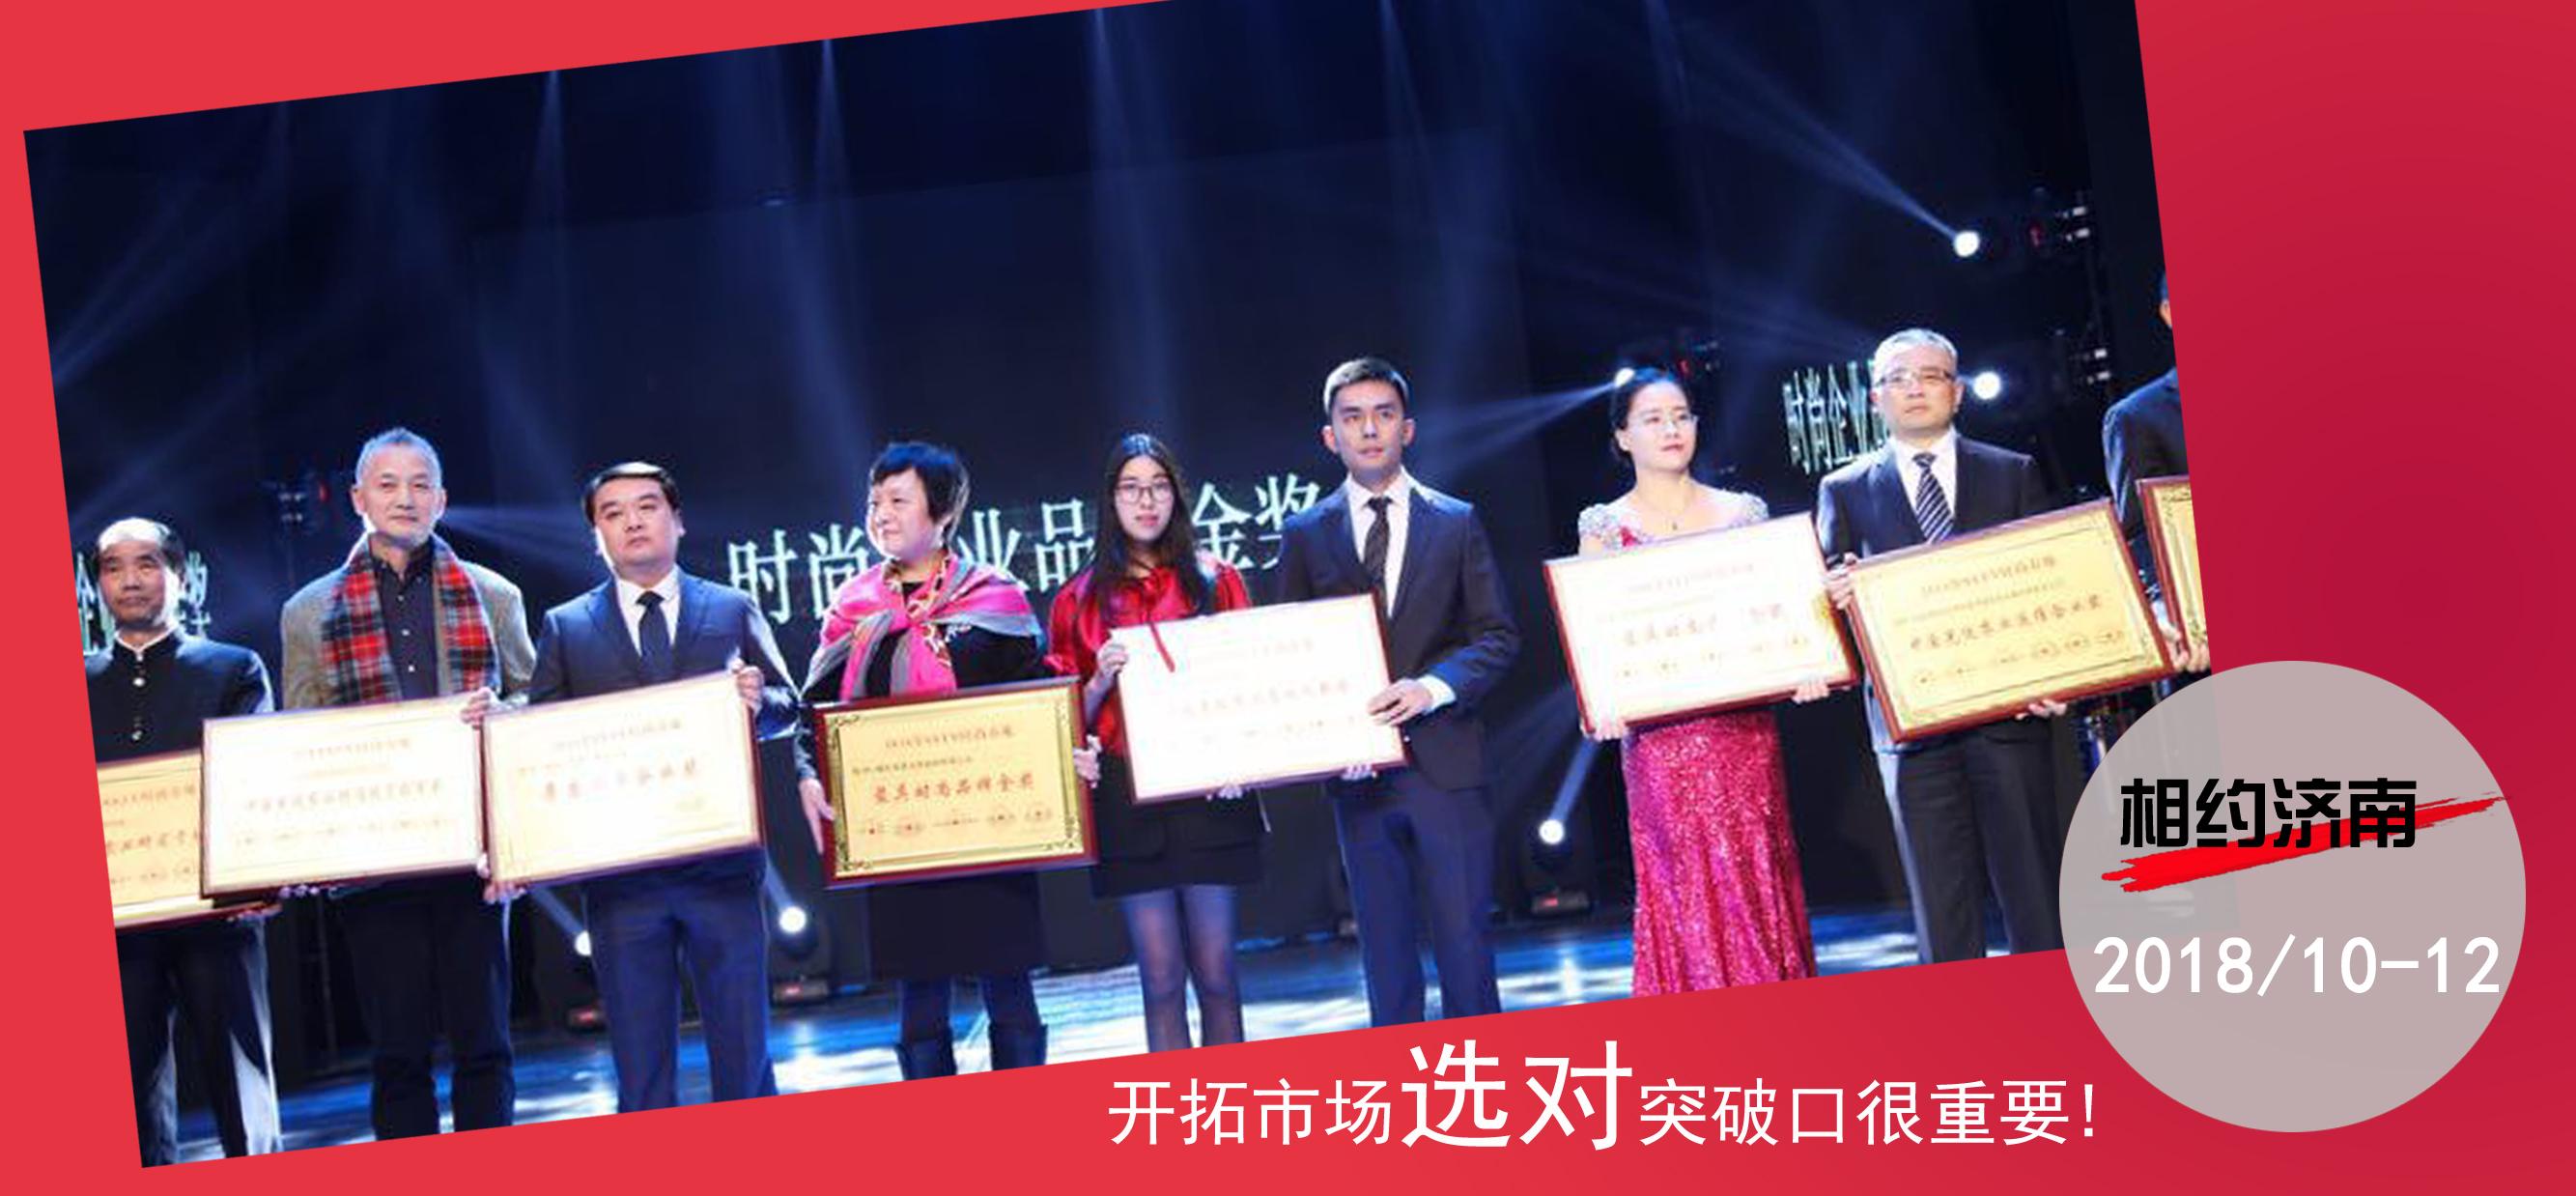 中国微商展览会8月11日在济南开幕